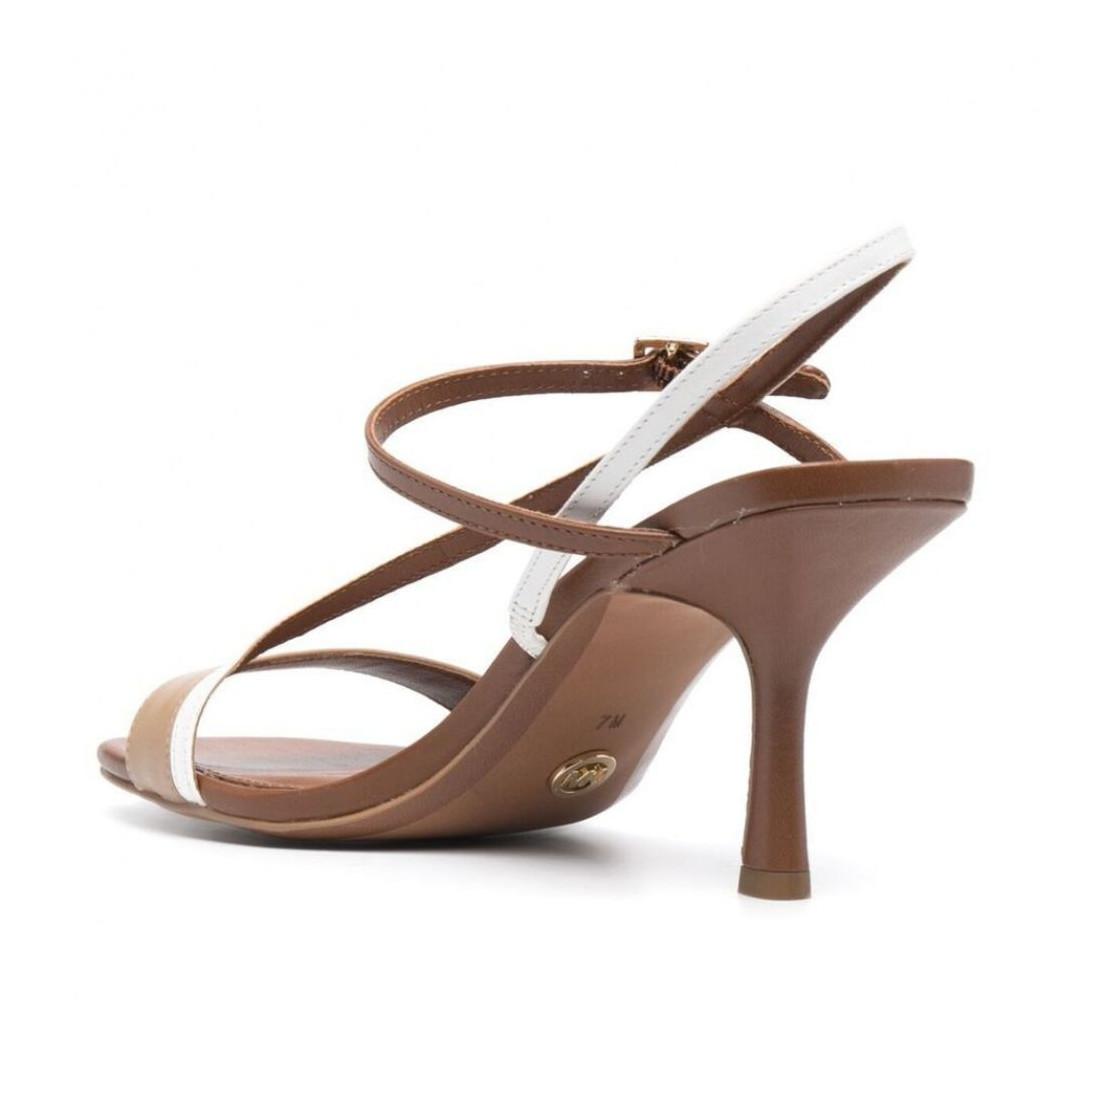 sandalen damen michael kors 40s0tams1l299 8604